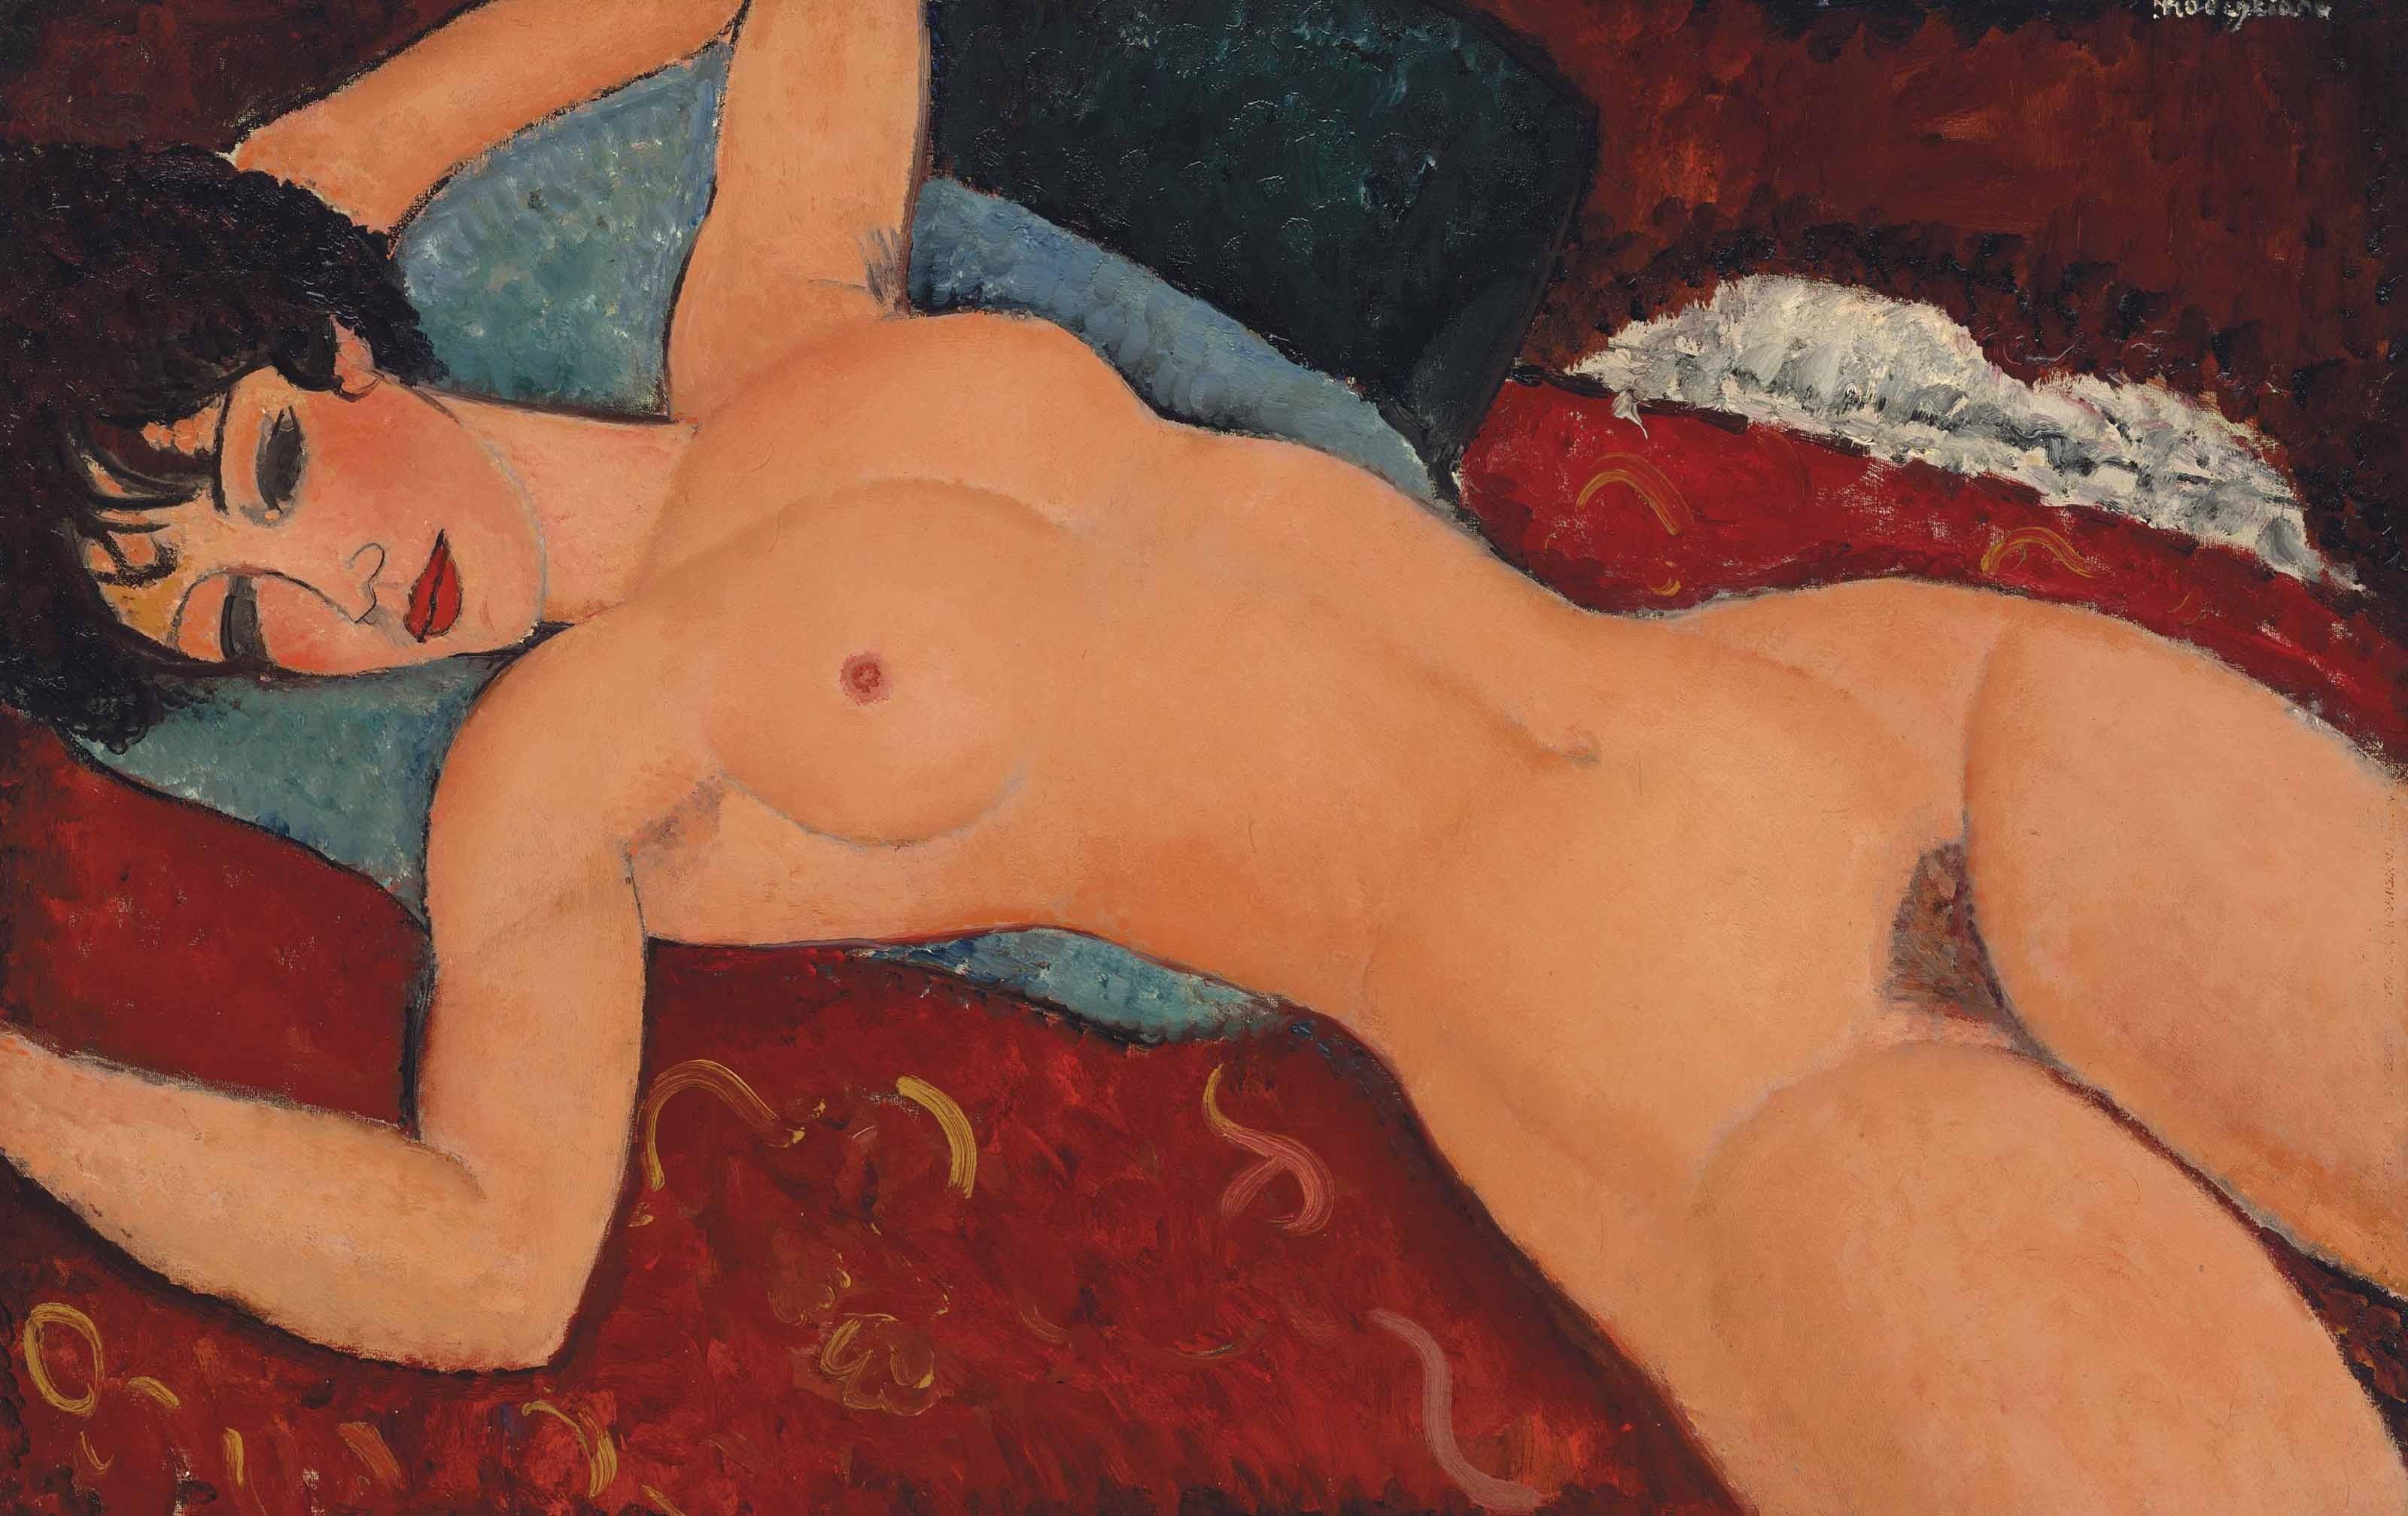 Desnudo acostado (Modigliani) - Wikipedia, la enciclopedia libre